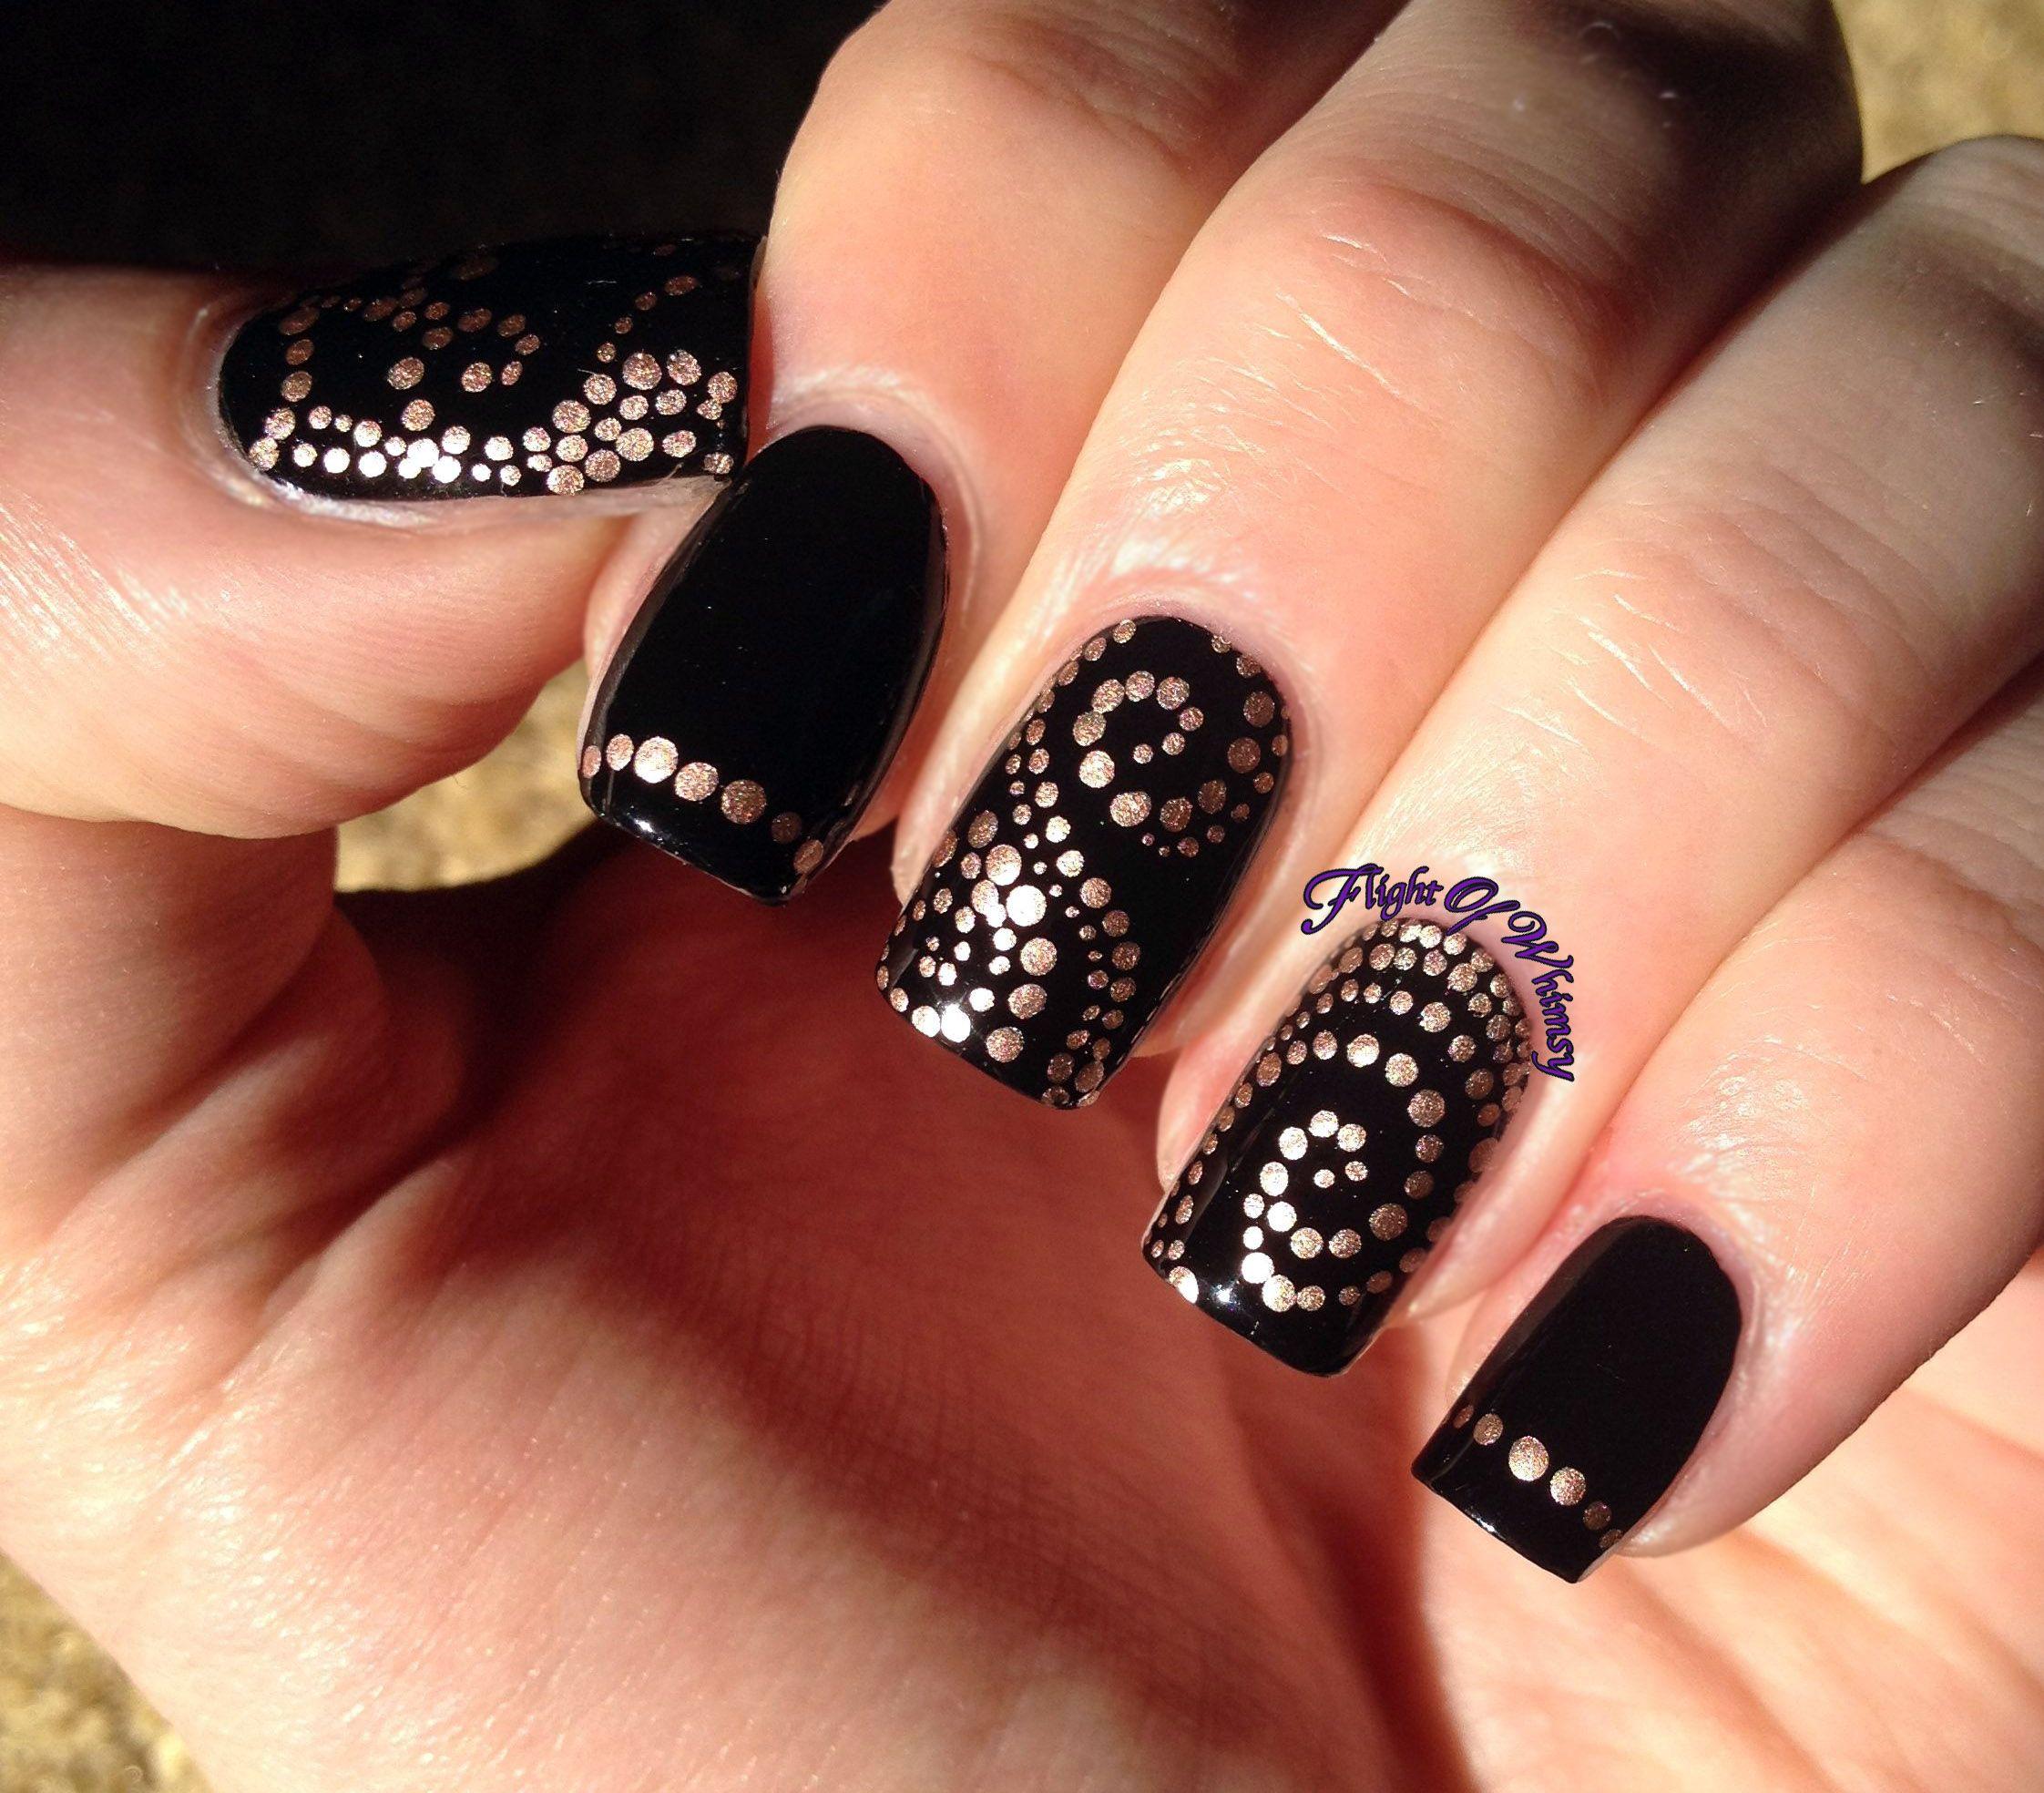 Black Gel Nails 1 HD Images | Nails | Pinterest | Black gel nails